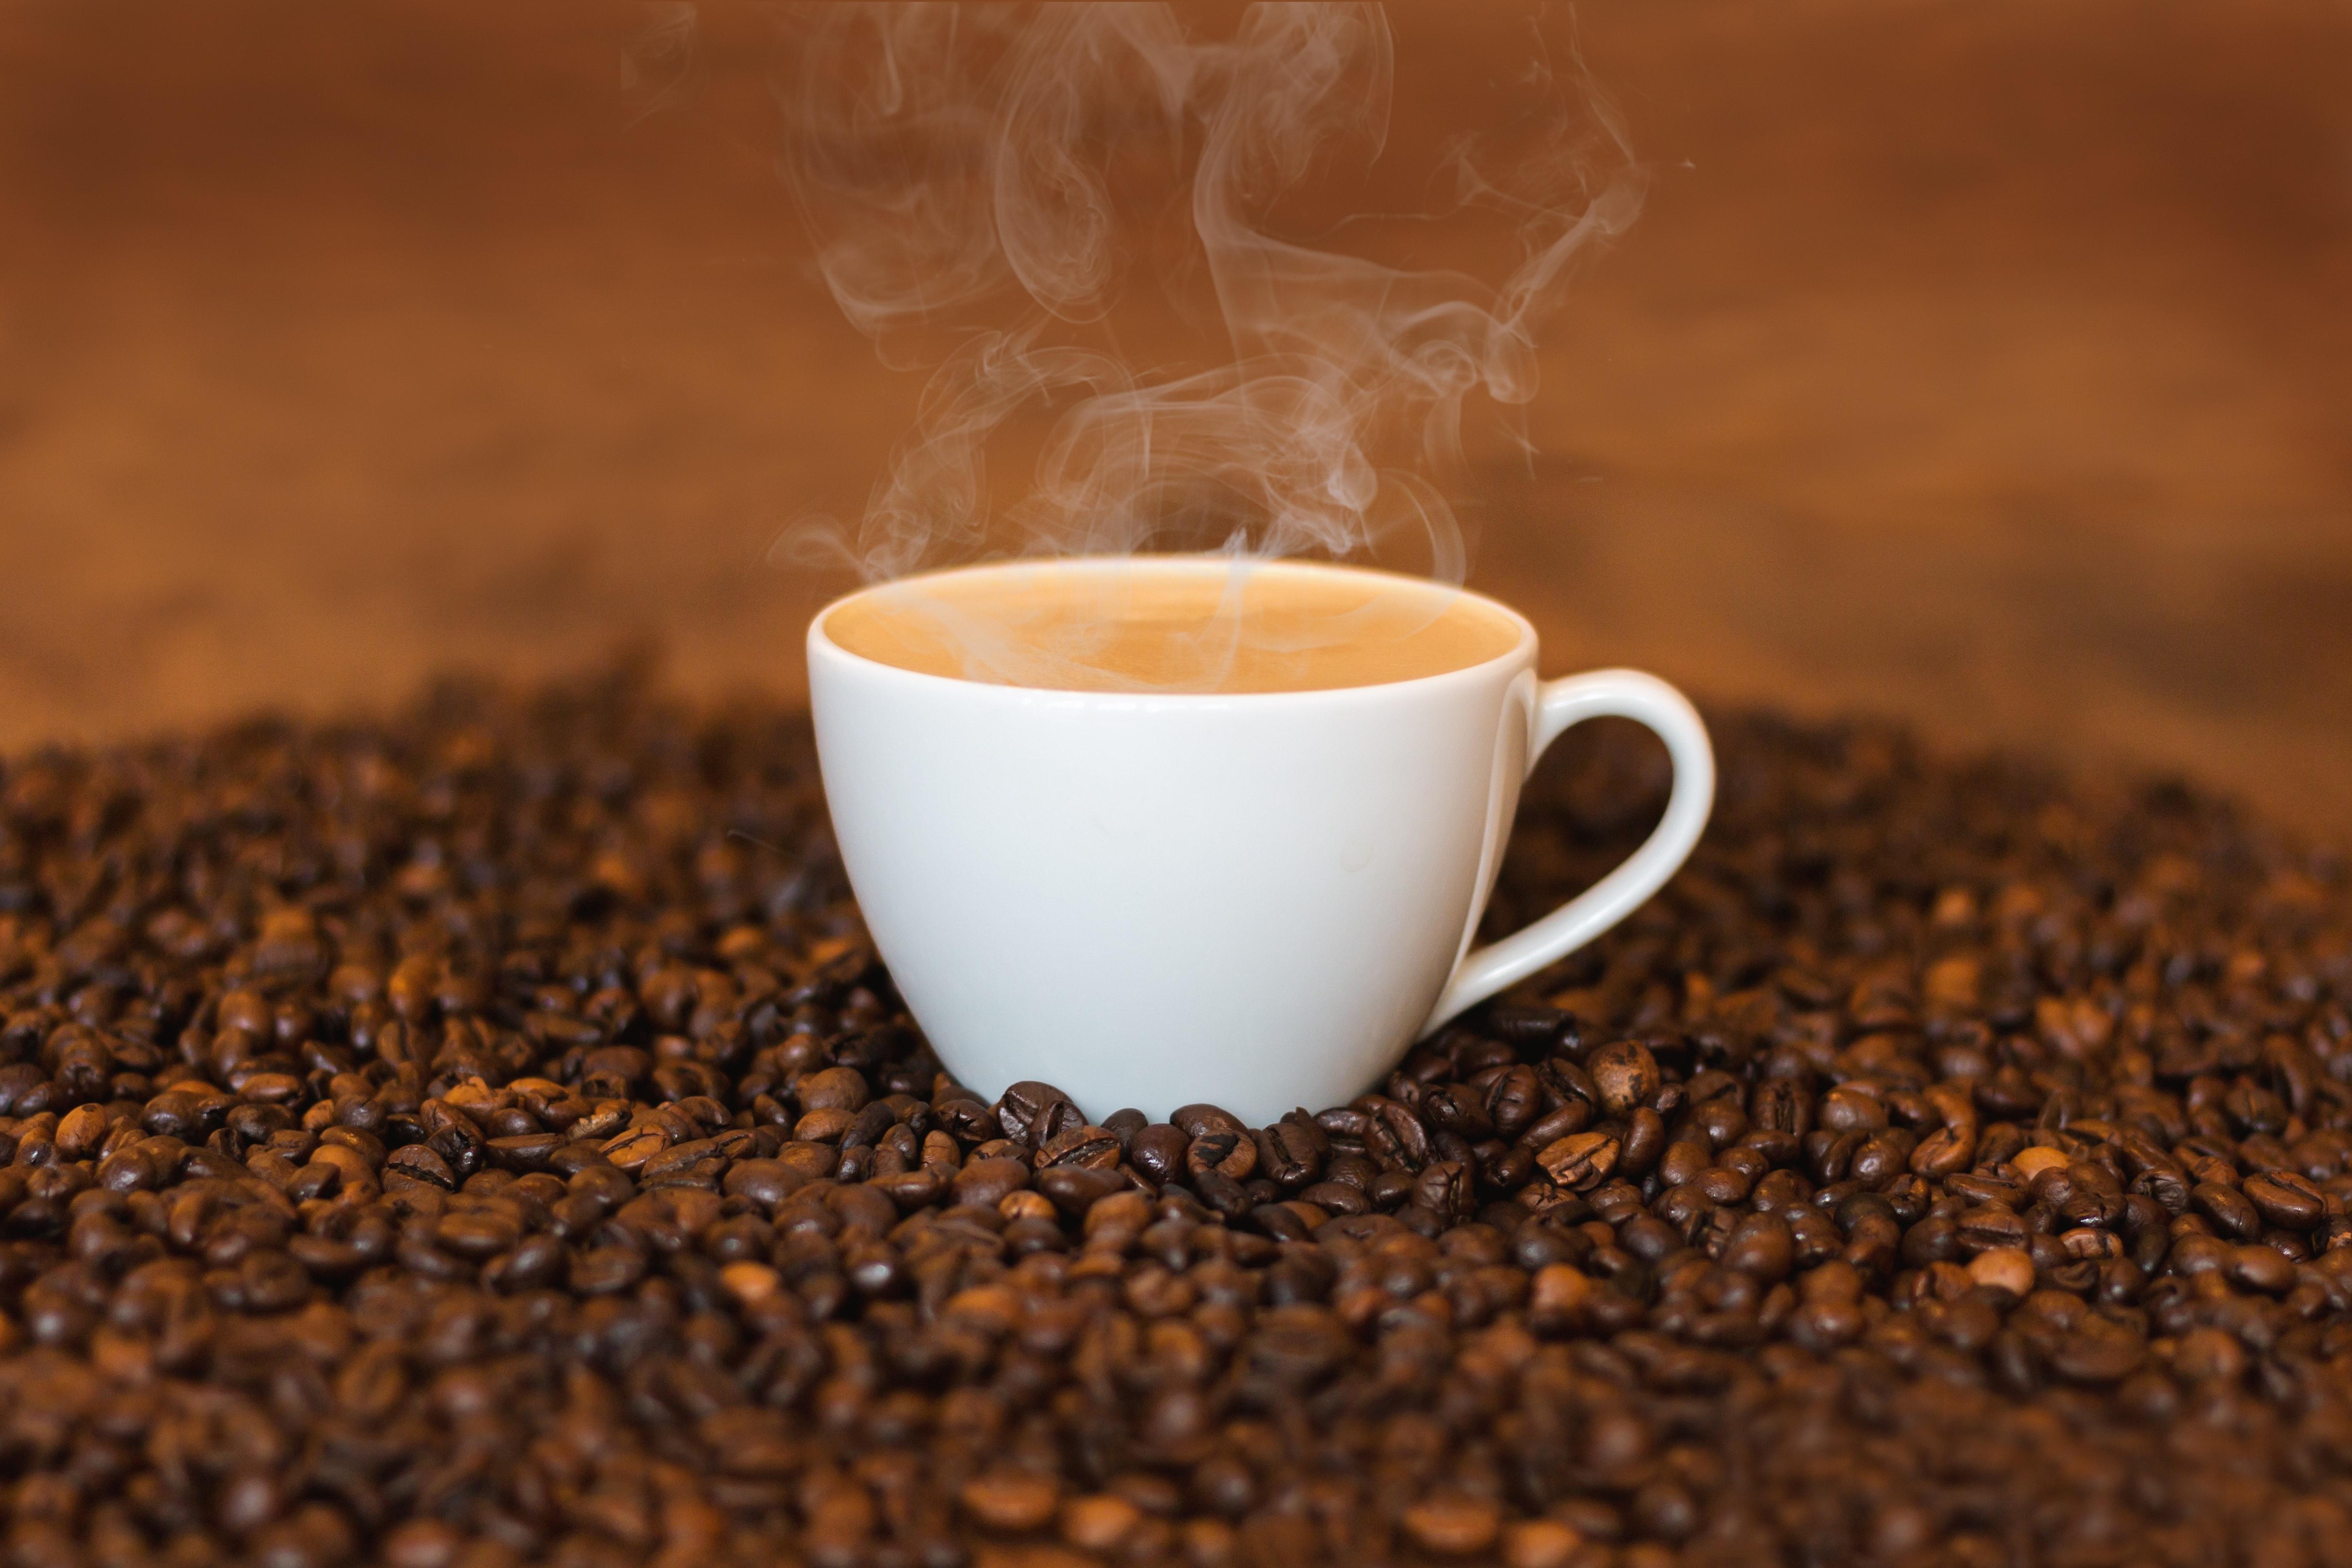 E kemi pirë gjithmonë gabim, kafja që në mëngjes nuk është aspak efektive, ja kur duhet pirë